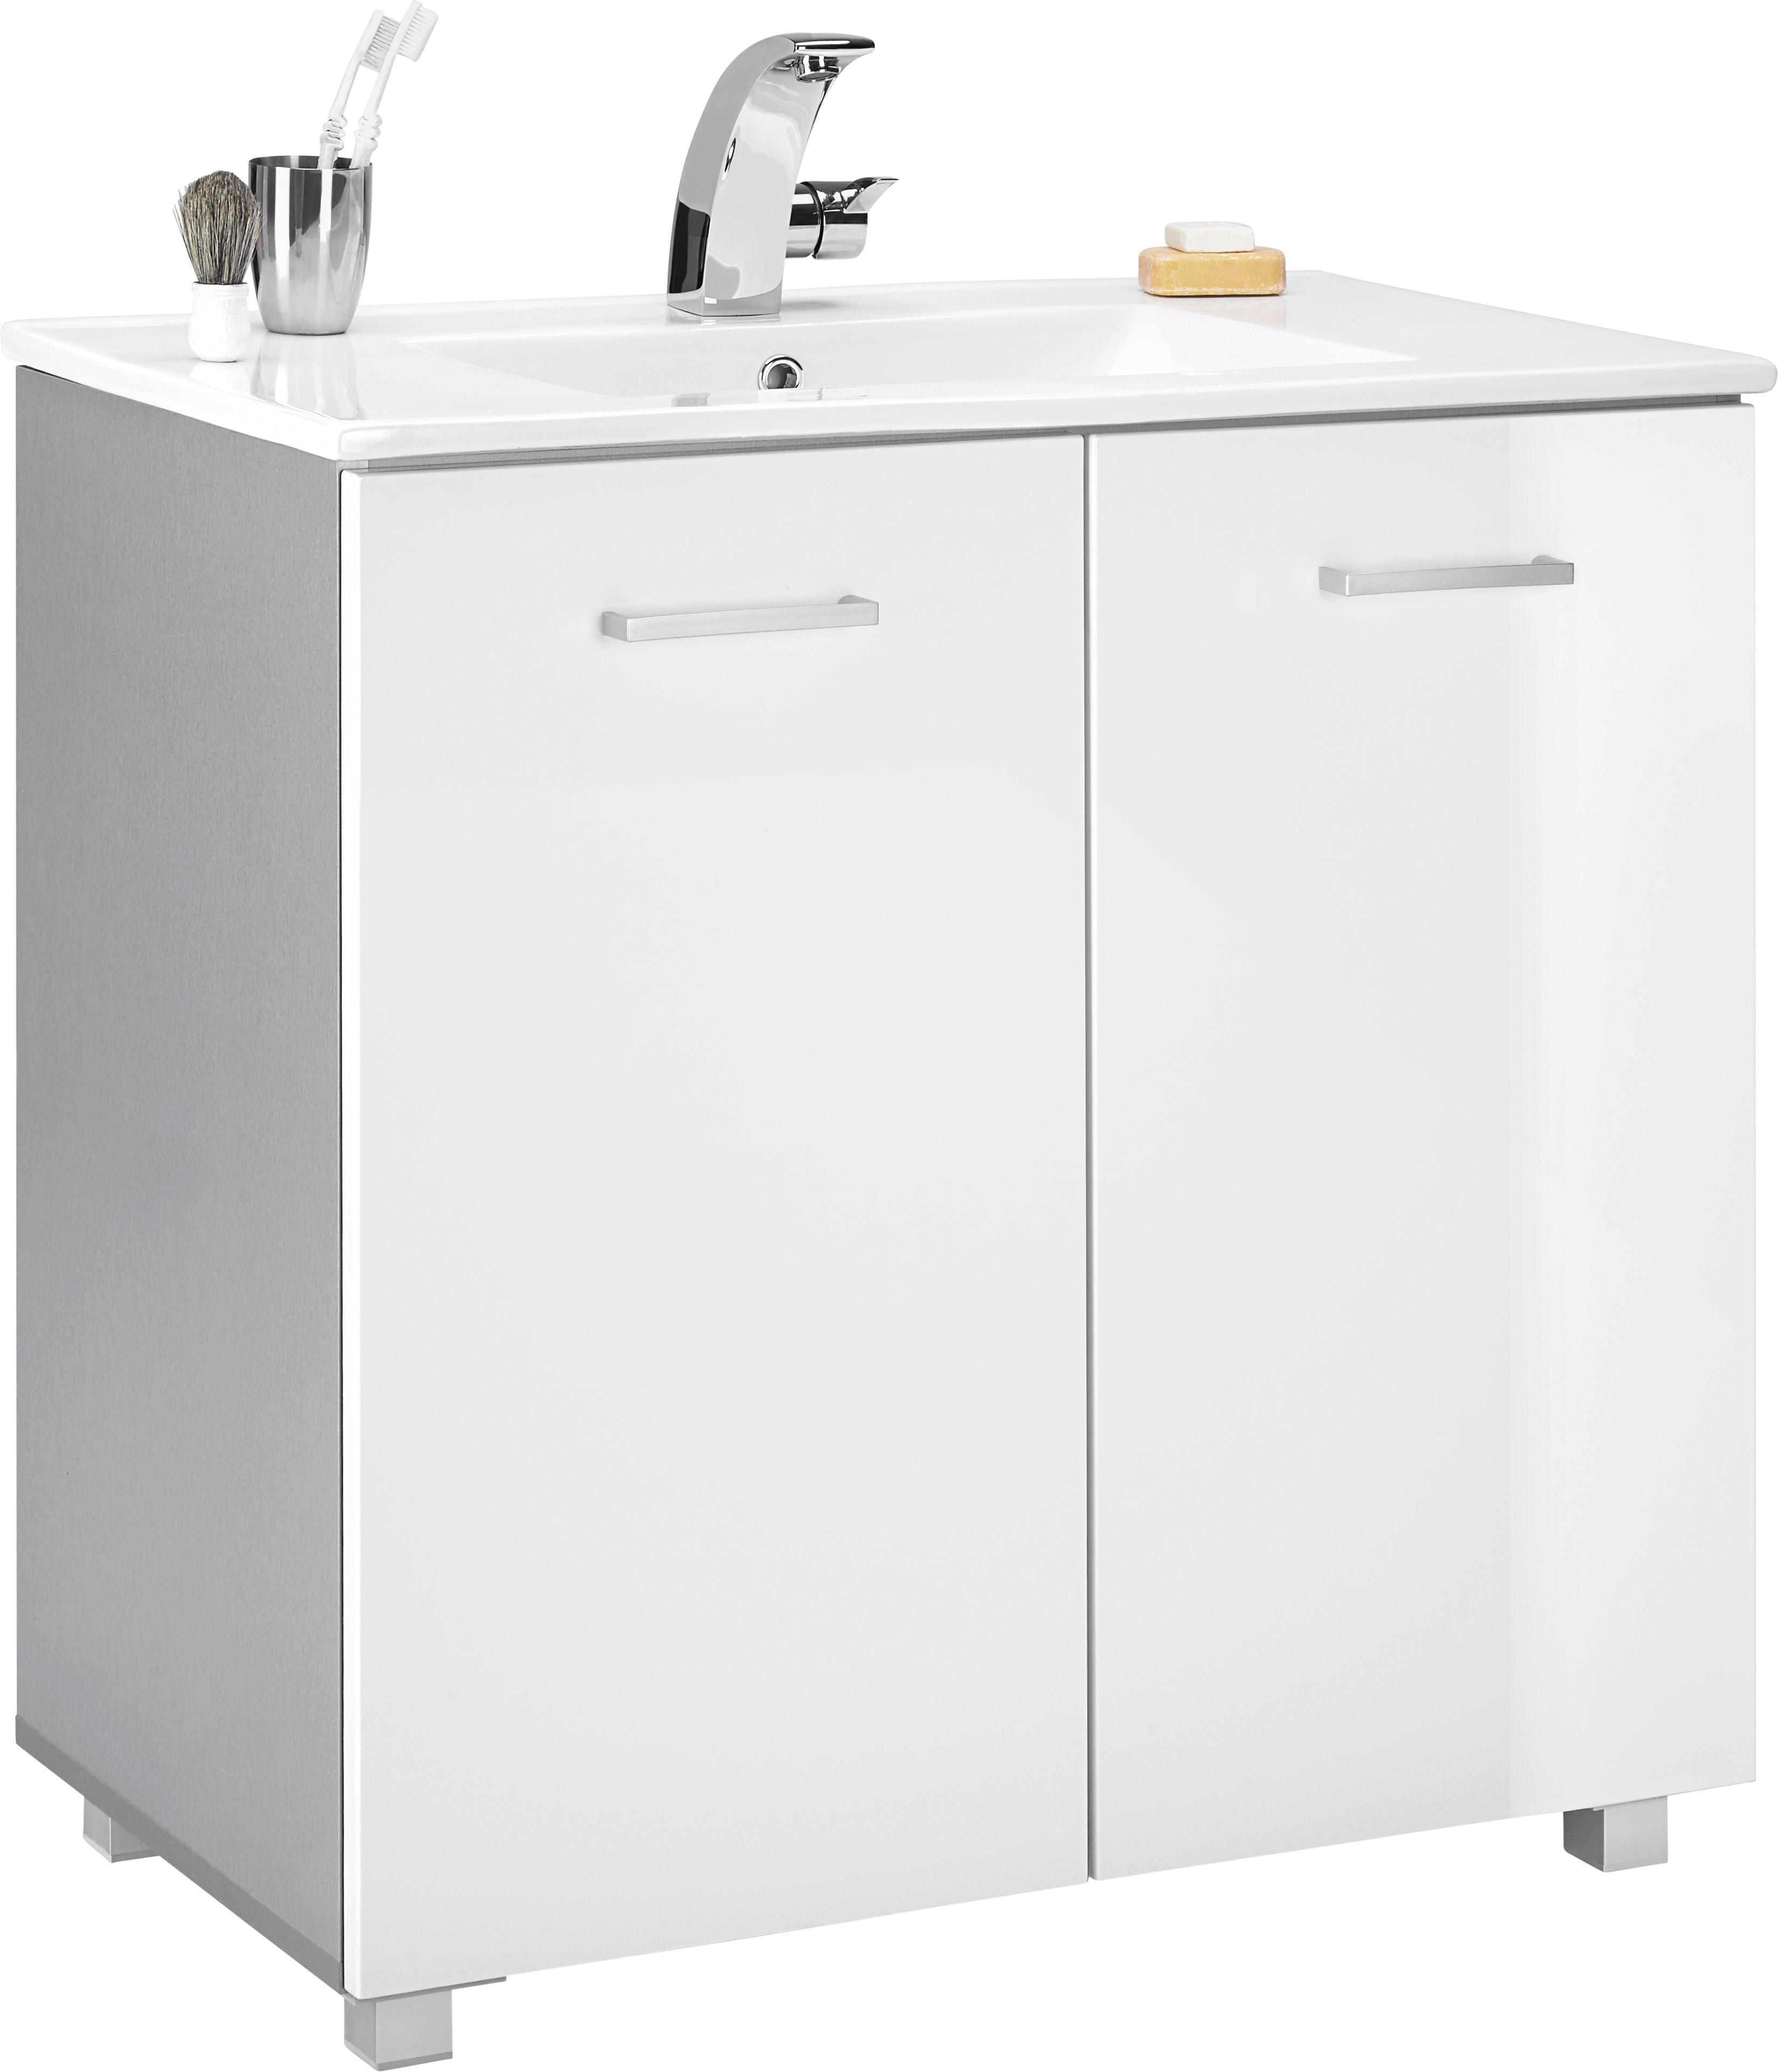 Waschtischkombi in Weiß Hochglanz - Silberfarben/Weiß, MODERN, Keramik/Holzwerkstoff (83/84/47cm) - MÖMAX modern living